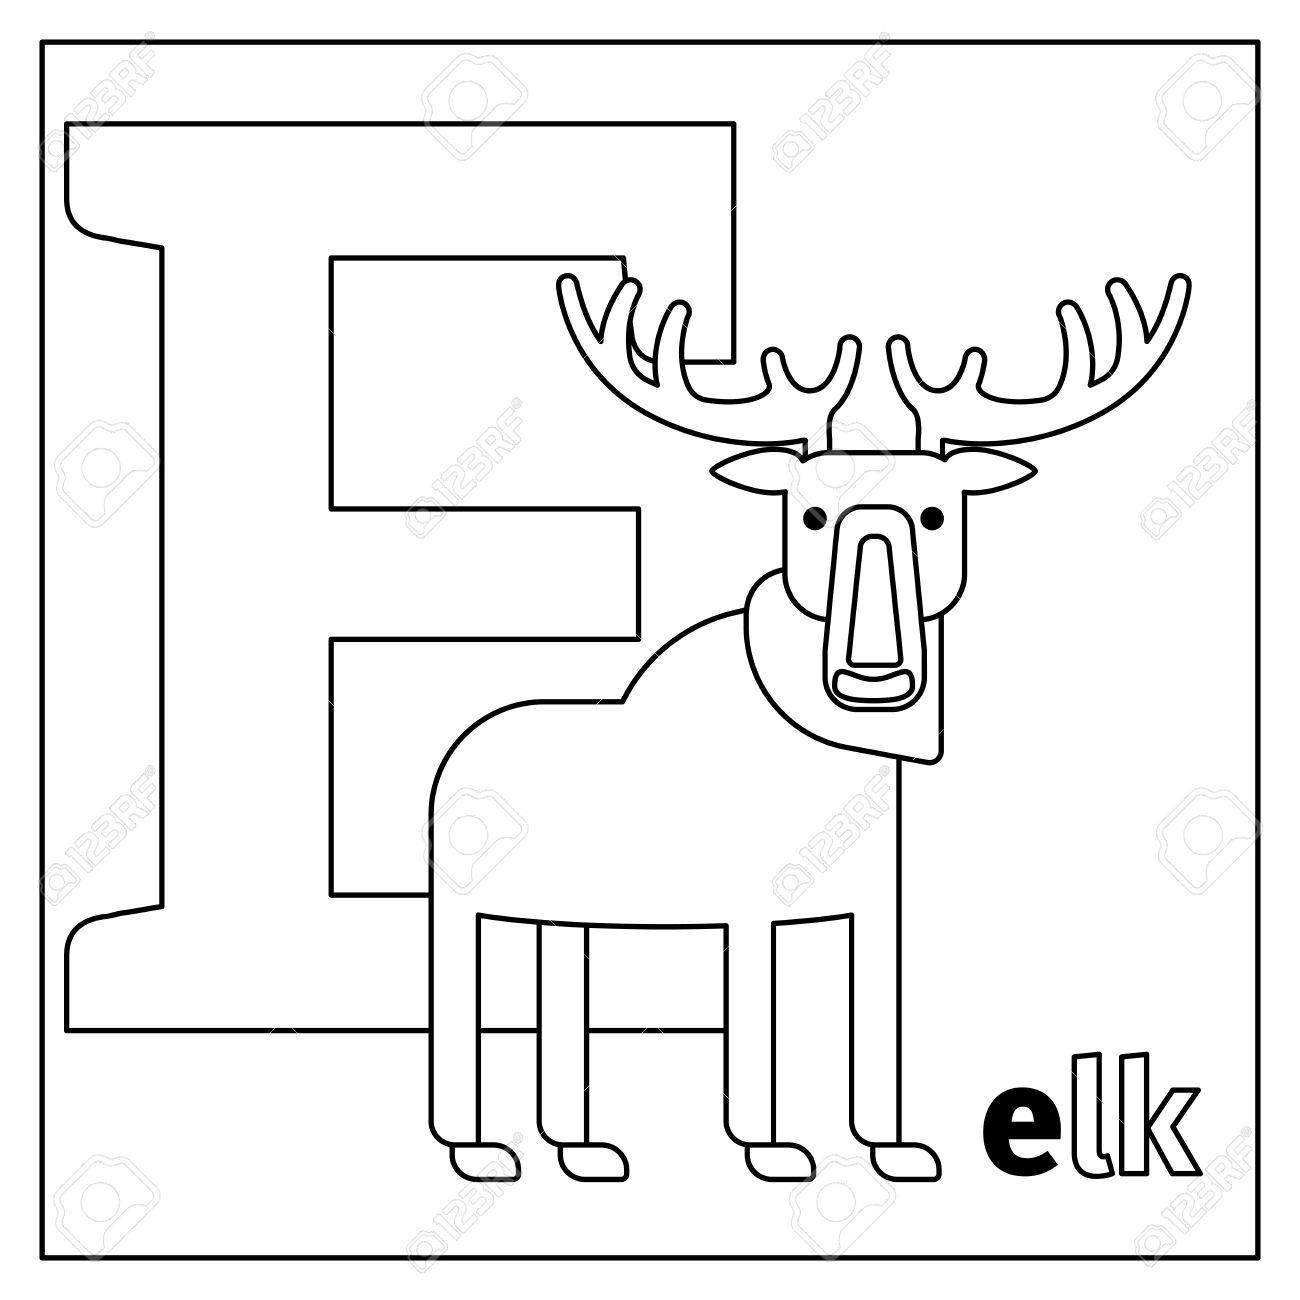 Malvorlage Oder Karte Für Kinder Mit Englisch Tiere Zoo Alphabet